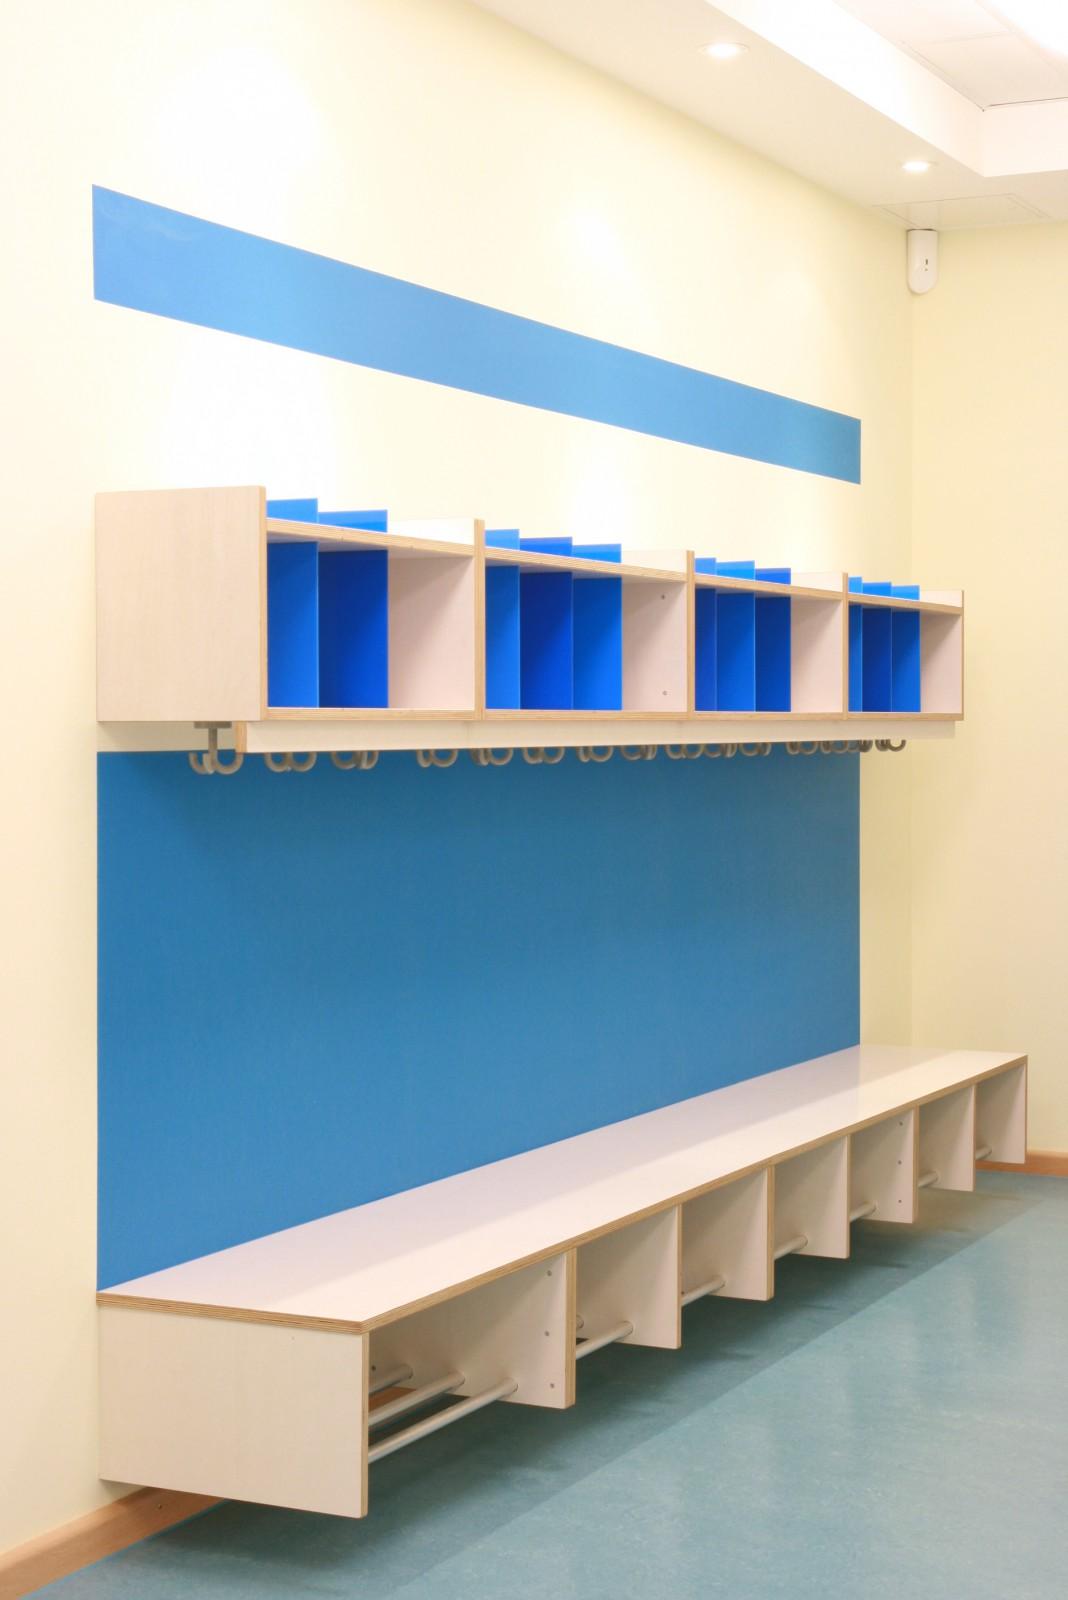 ausbau-kita-luettkamp-garderobe blau